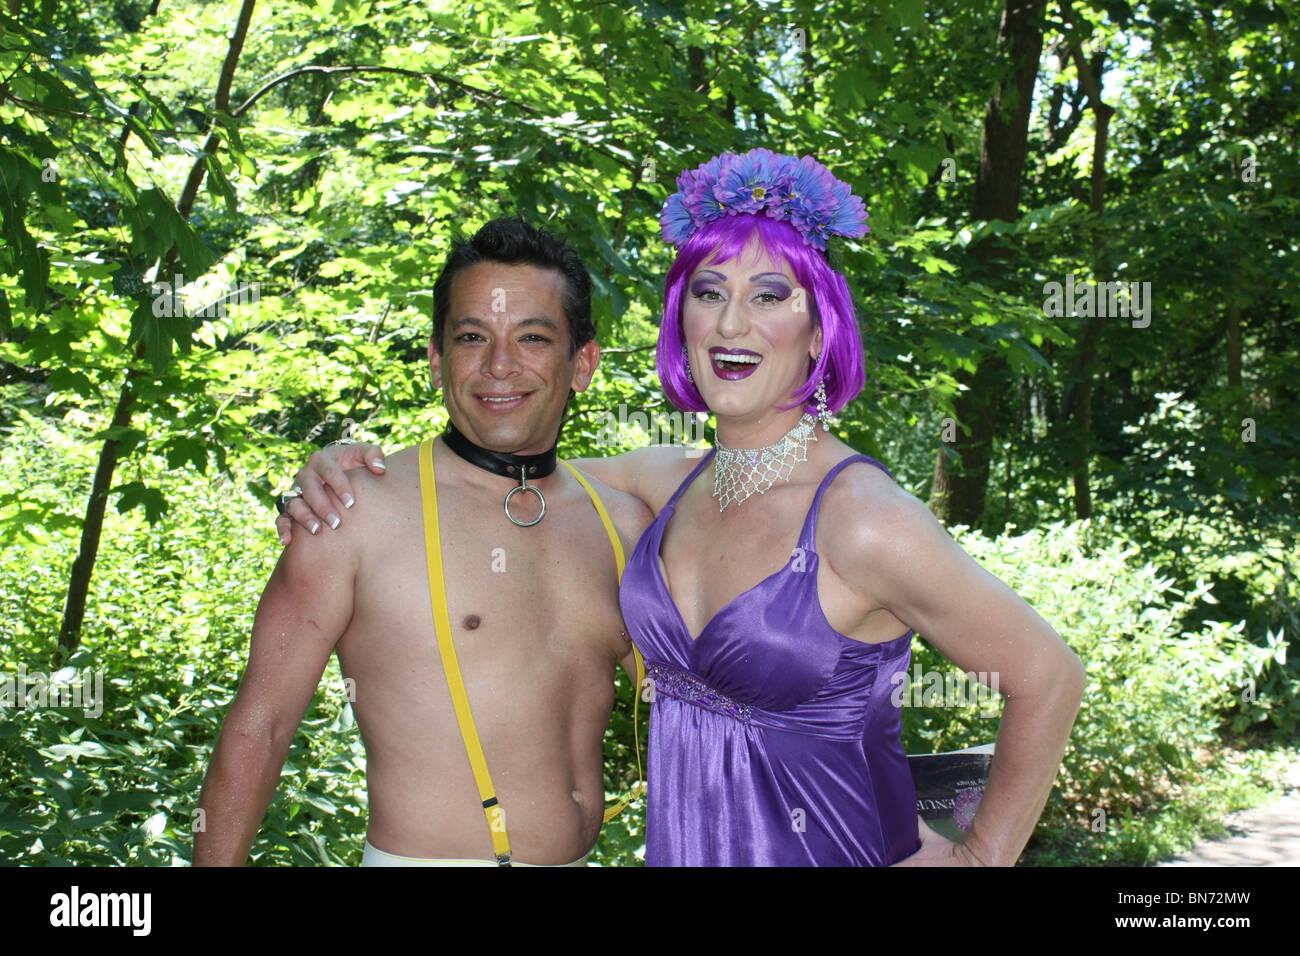 from Phoenix purple gay man